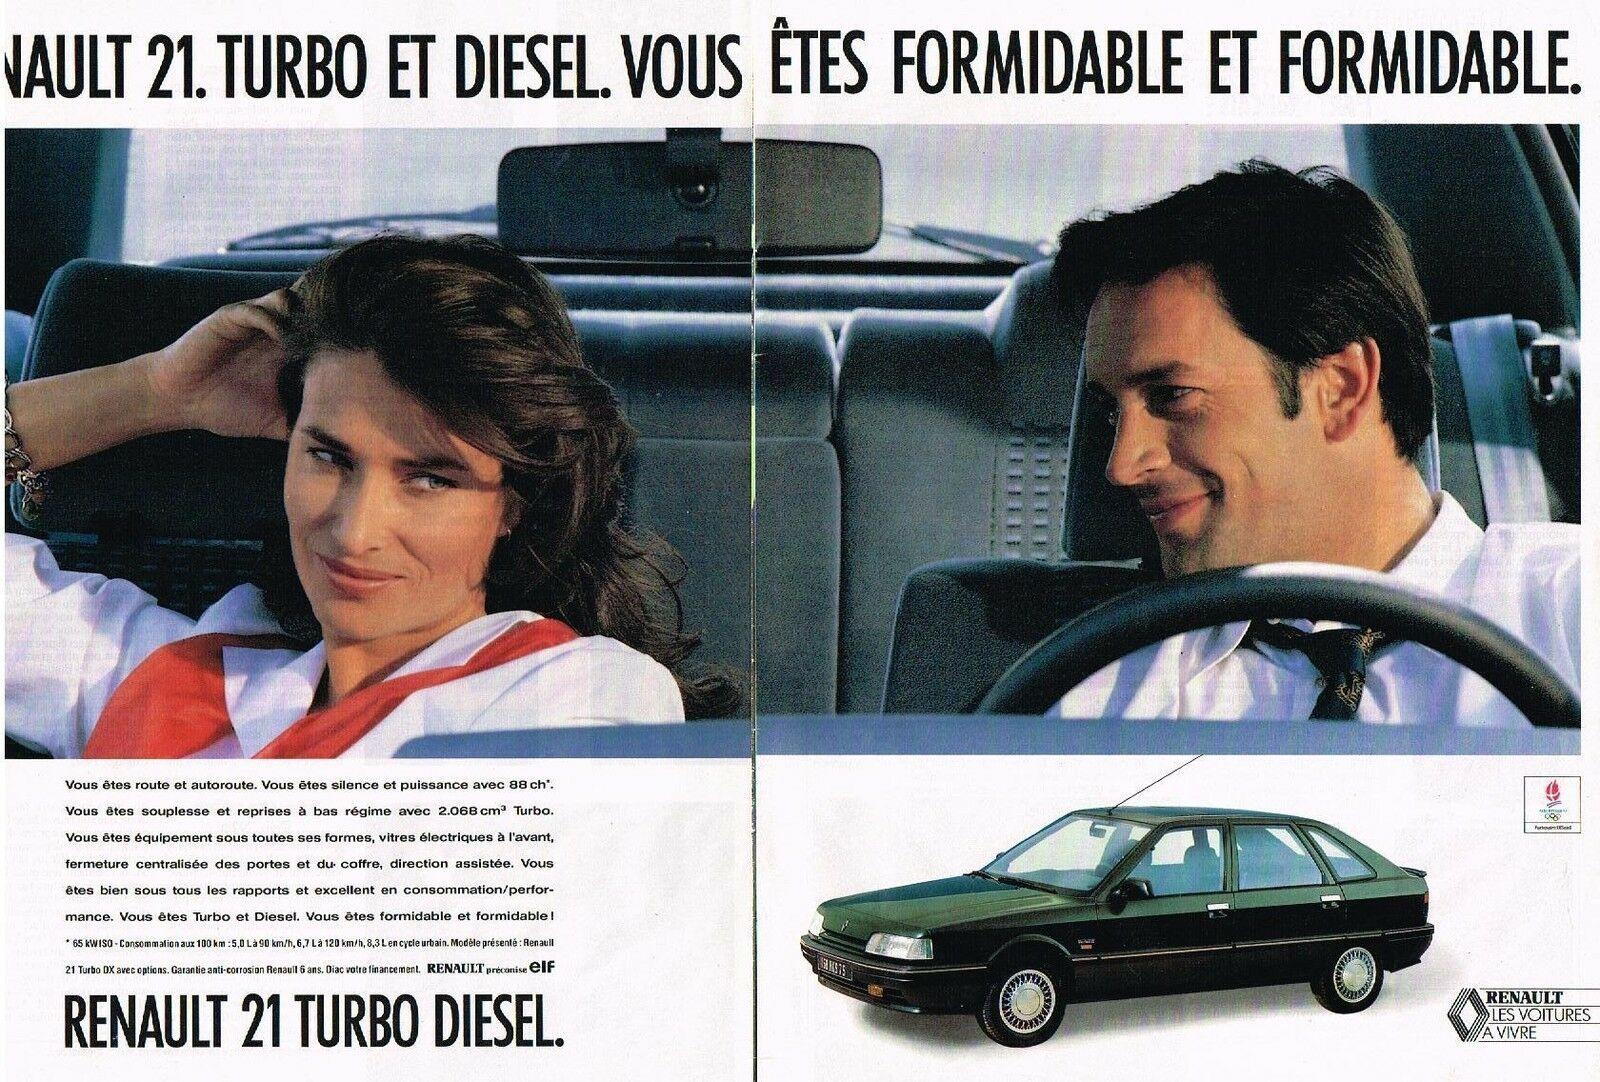 1991 RENAULT 21 TURBO DIESEL